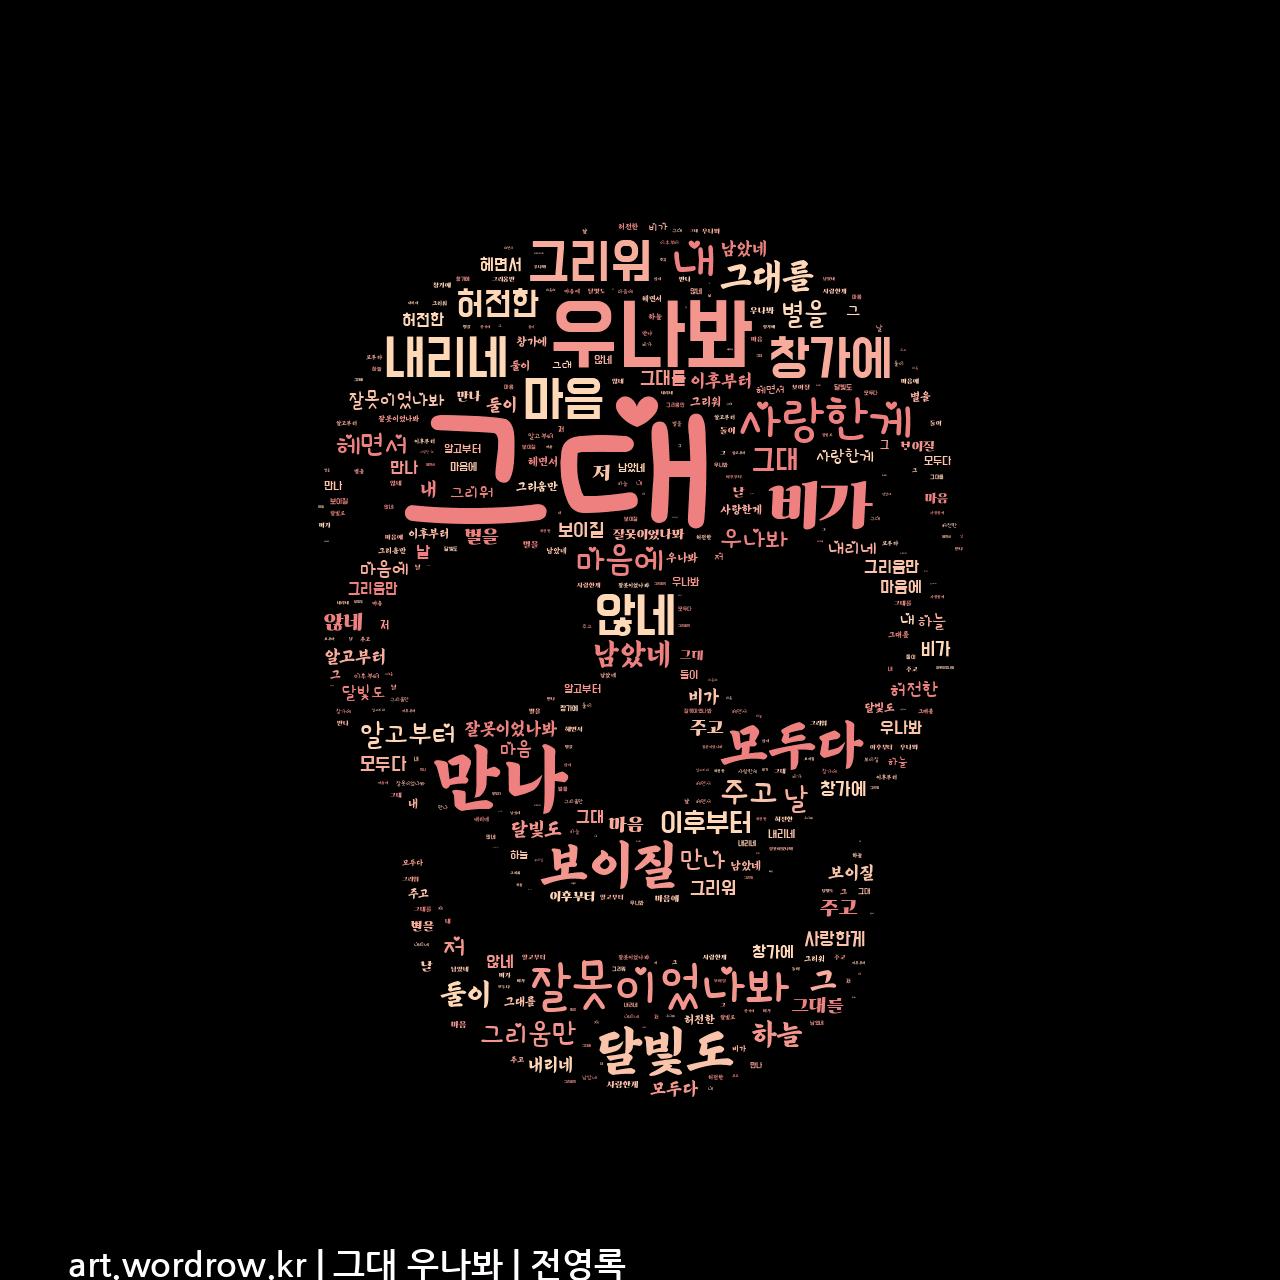 워드 클라우드: 그대 우나봐 [전영록]-11